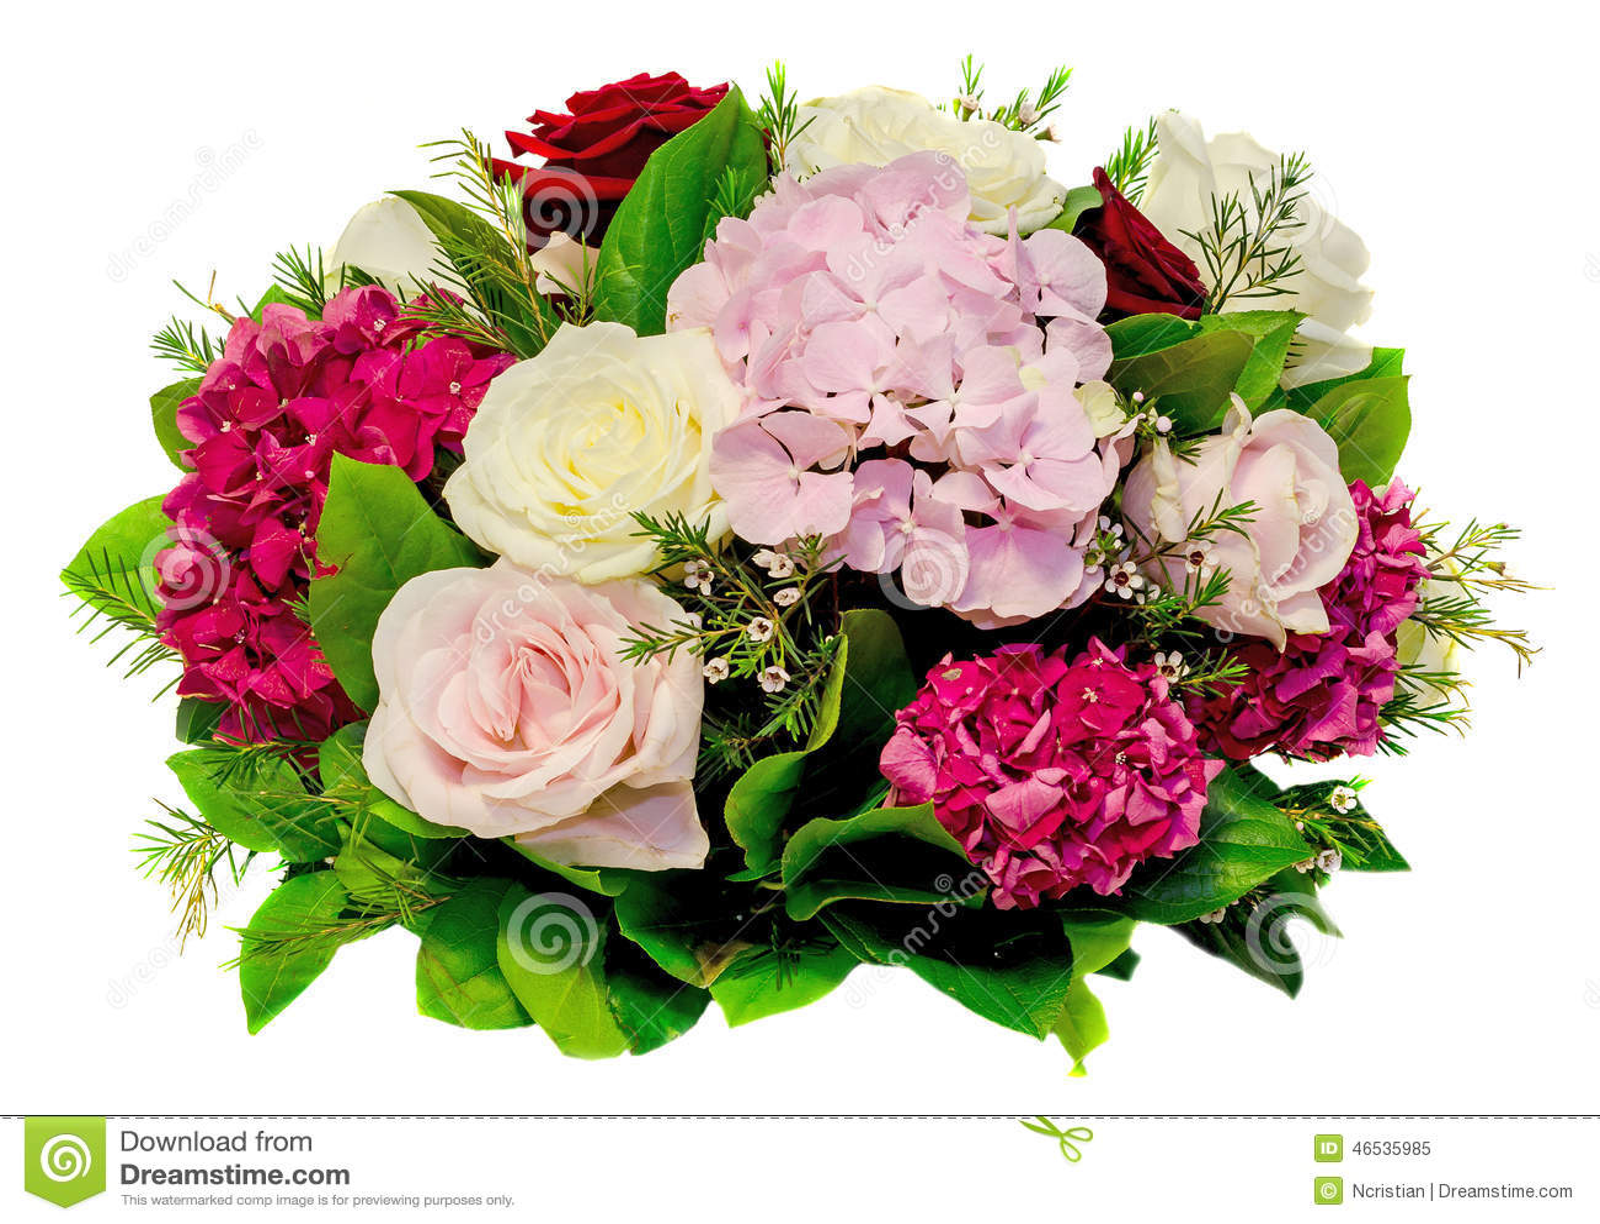 blumengesteck blumenstrau mit wei rosa gelbe rosen. Black Bedroom Furniture Sets. Home Design Ideas